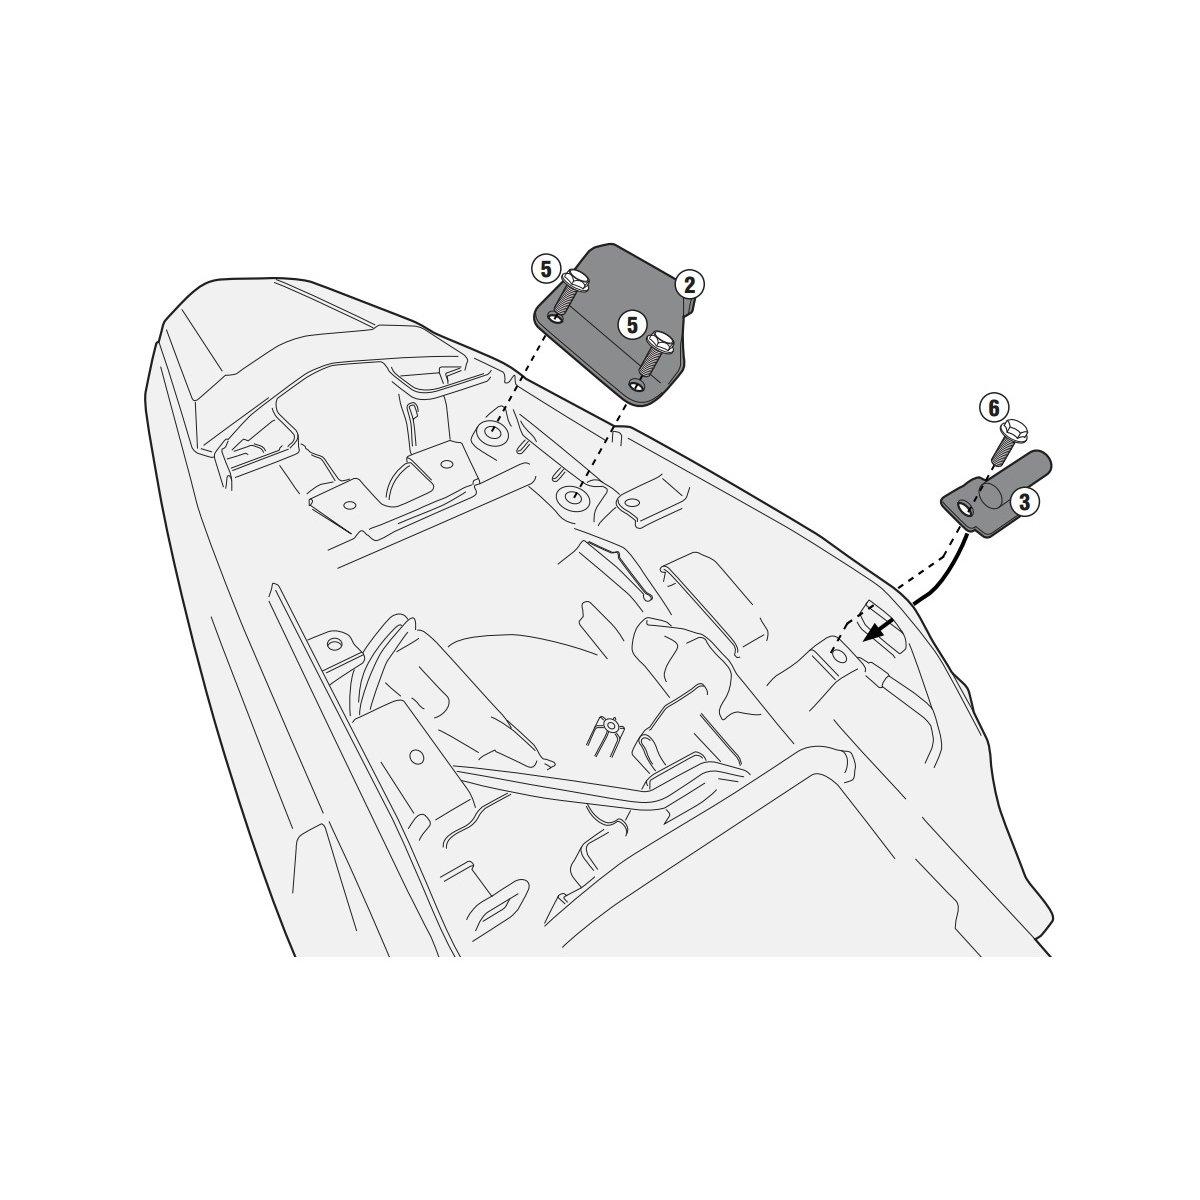 Kit de fixação Givi 1121KIT para PL1121 ou PL1121CAM sem o monorack  - Nova Suzuki Motos e Acessórios